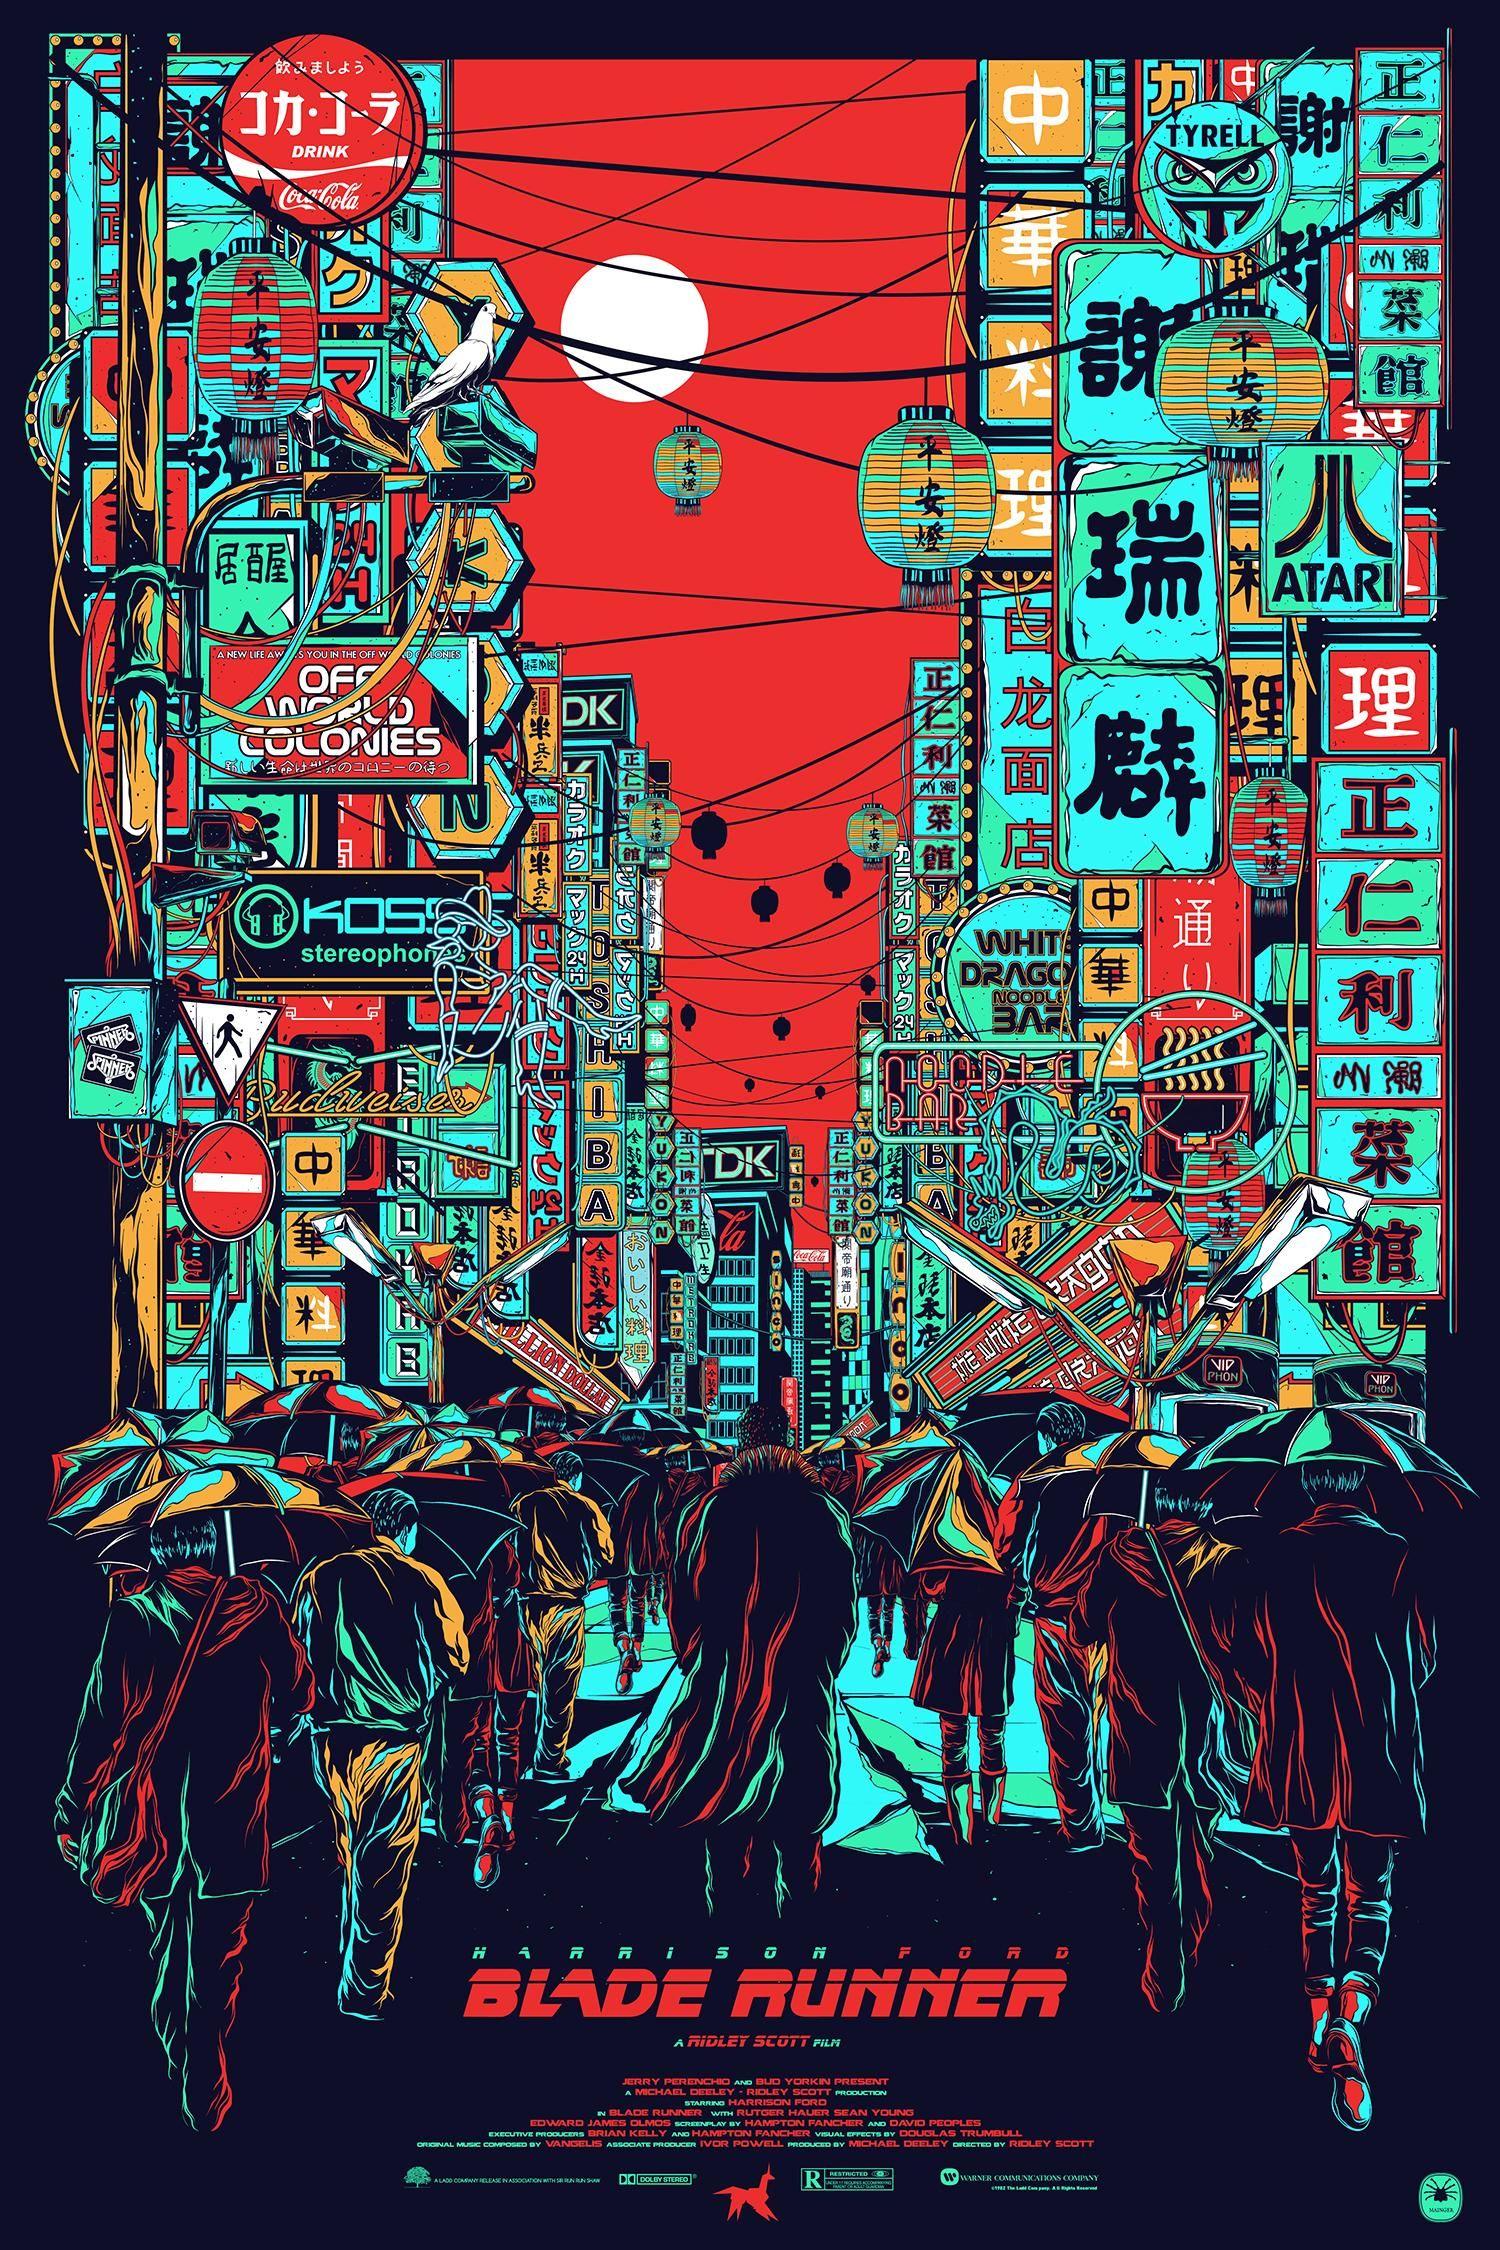 Blade Runner 1982 Hd Wallpaper From Gallsource Com Blade Runner Art Movie Poster Art Blade Runner